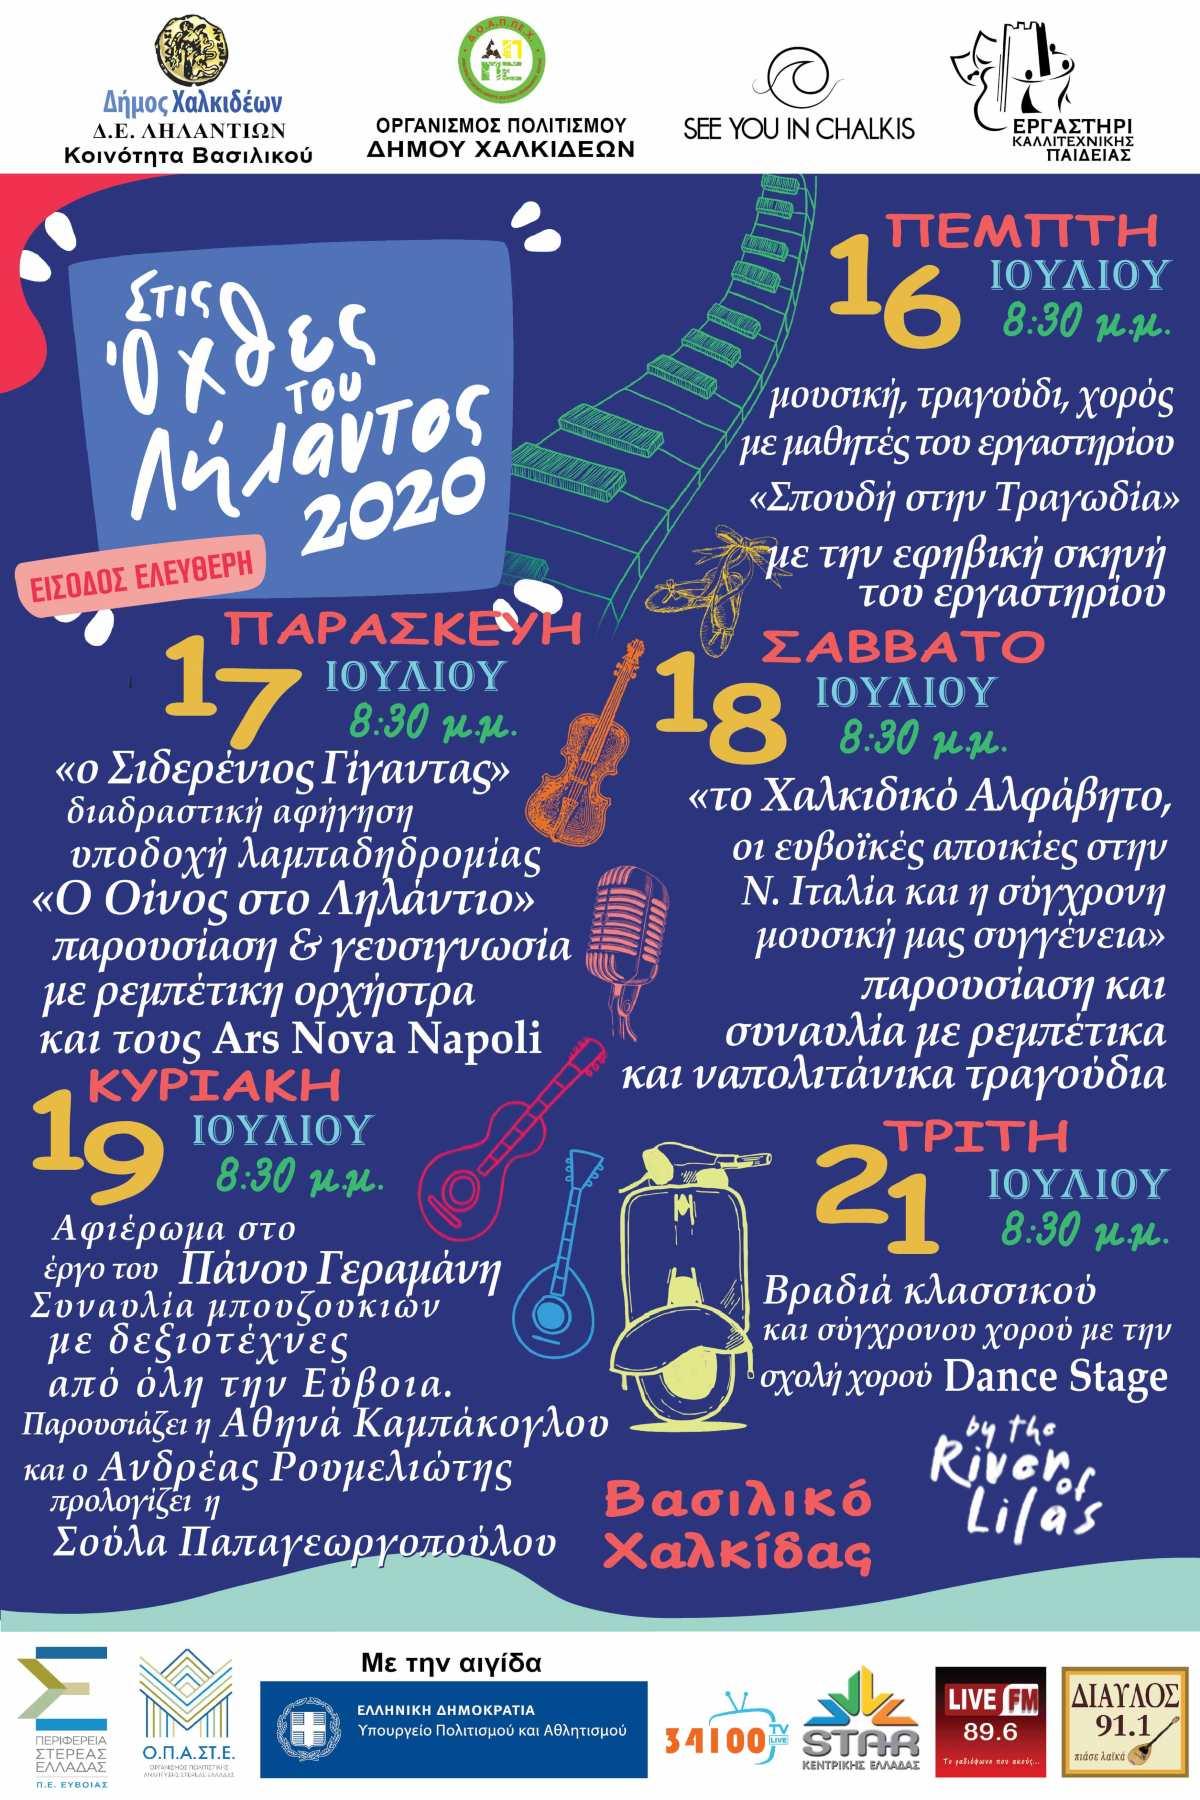 Αφίσα Φεστιβάλ 2020